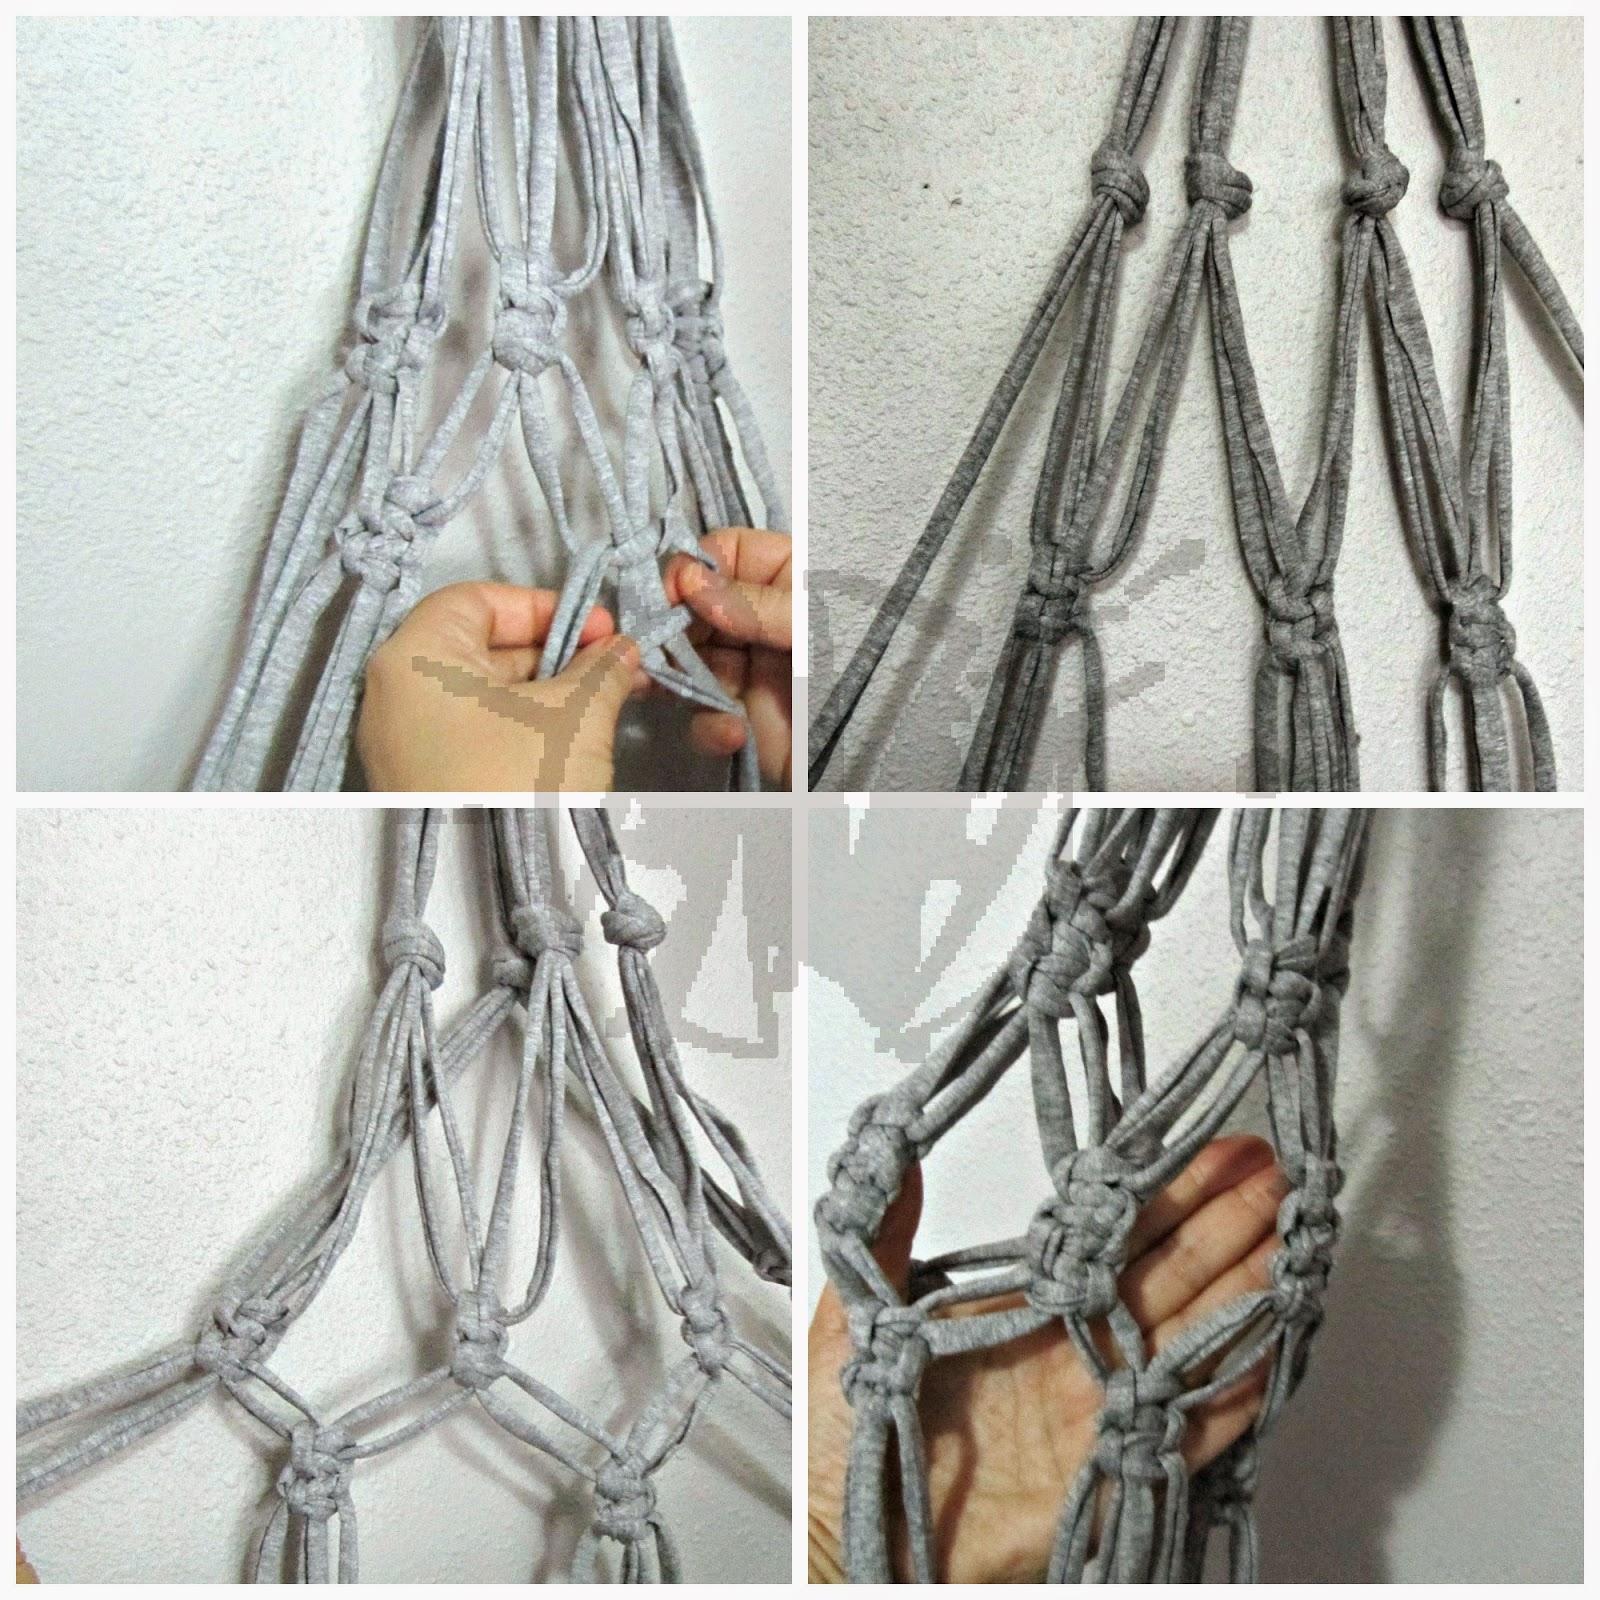 Cmo hacer un macetero colgante de macram - Como hacer maceteros colgantes ...